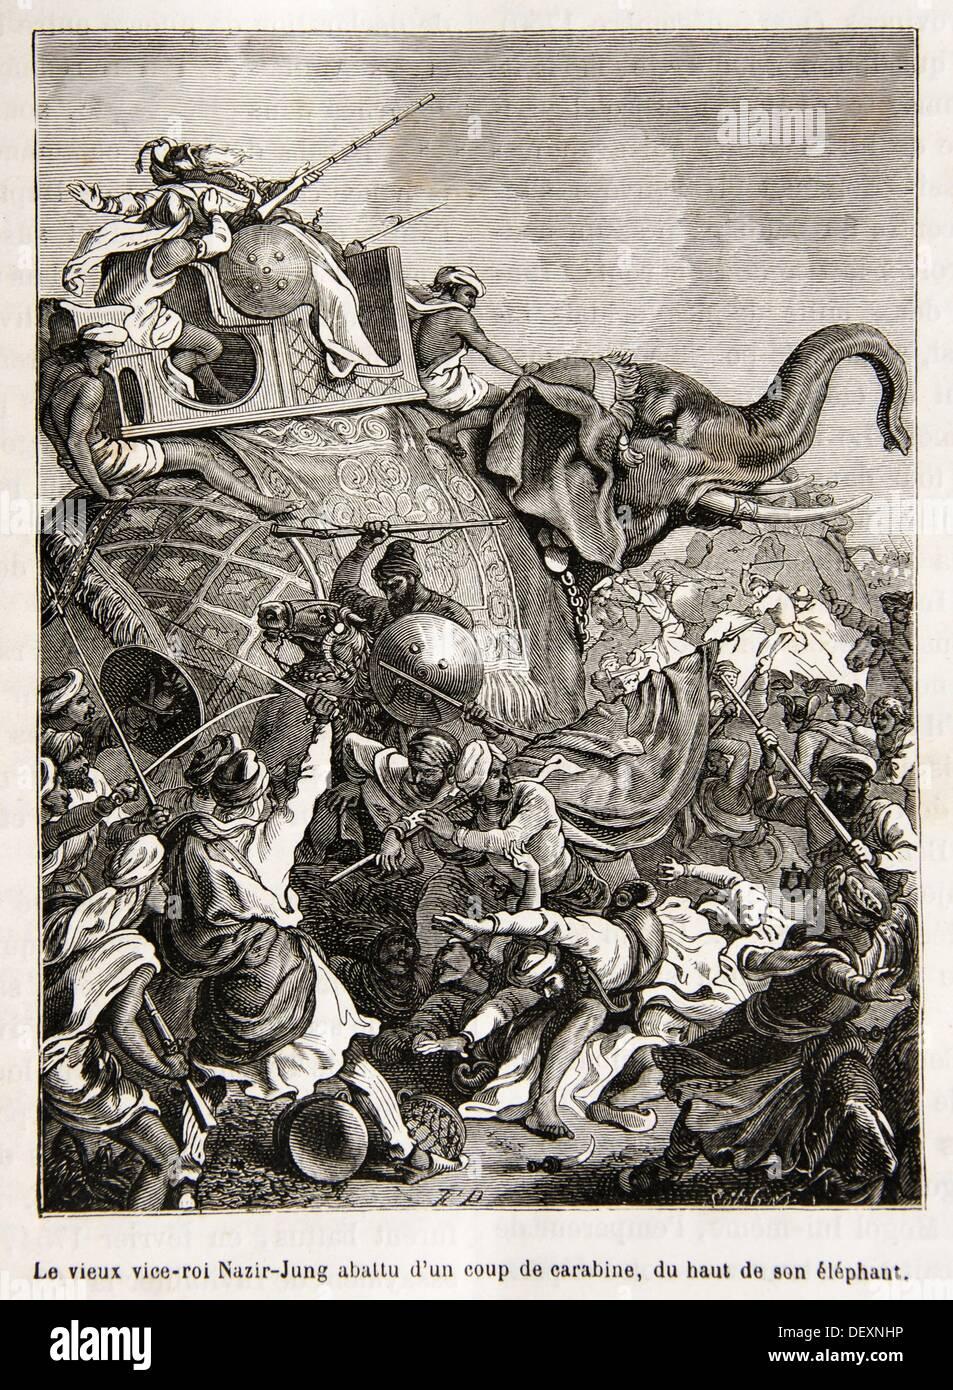 Viceroy Nasir Jung being shot dead by a carbine (´Le vieux vice-roi Natir-Jung abbatu d´un coup de carabine, du haut de son - Stock Image